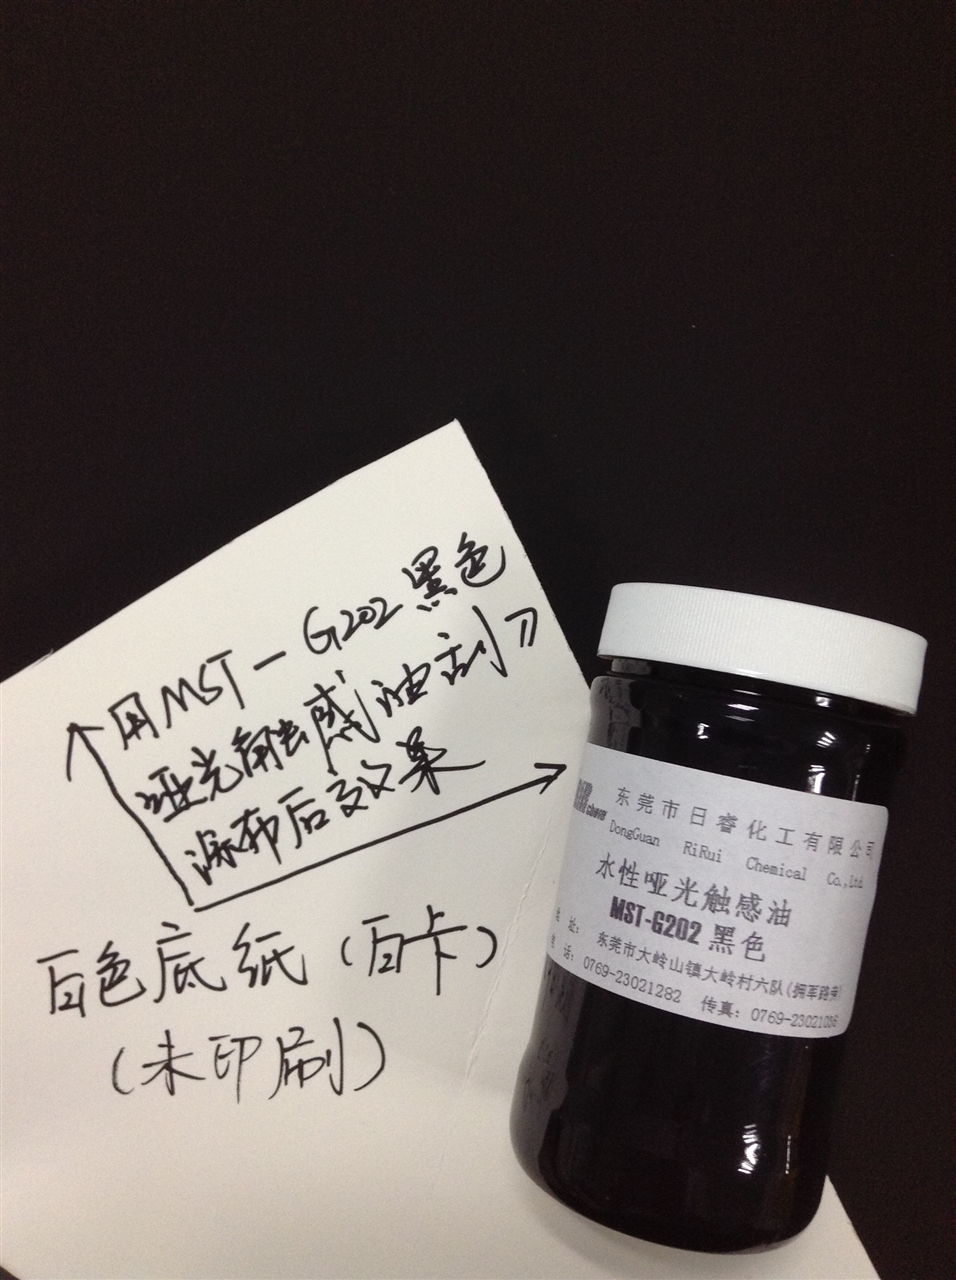 水性哑光触感油 MST-G202 黑色